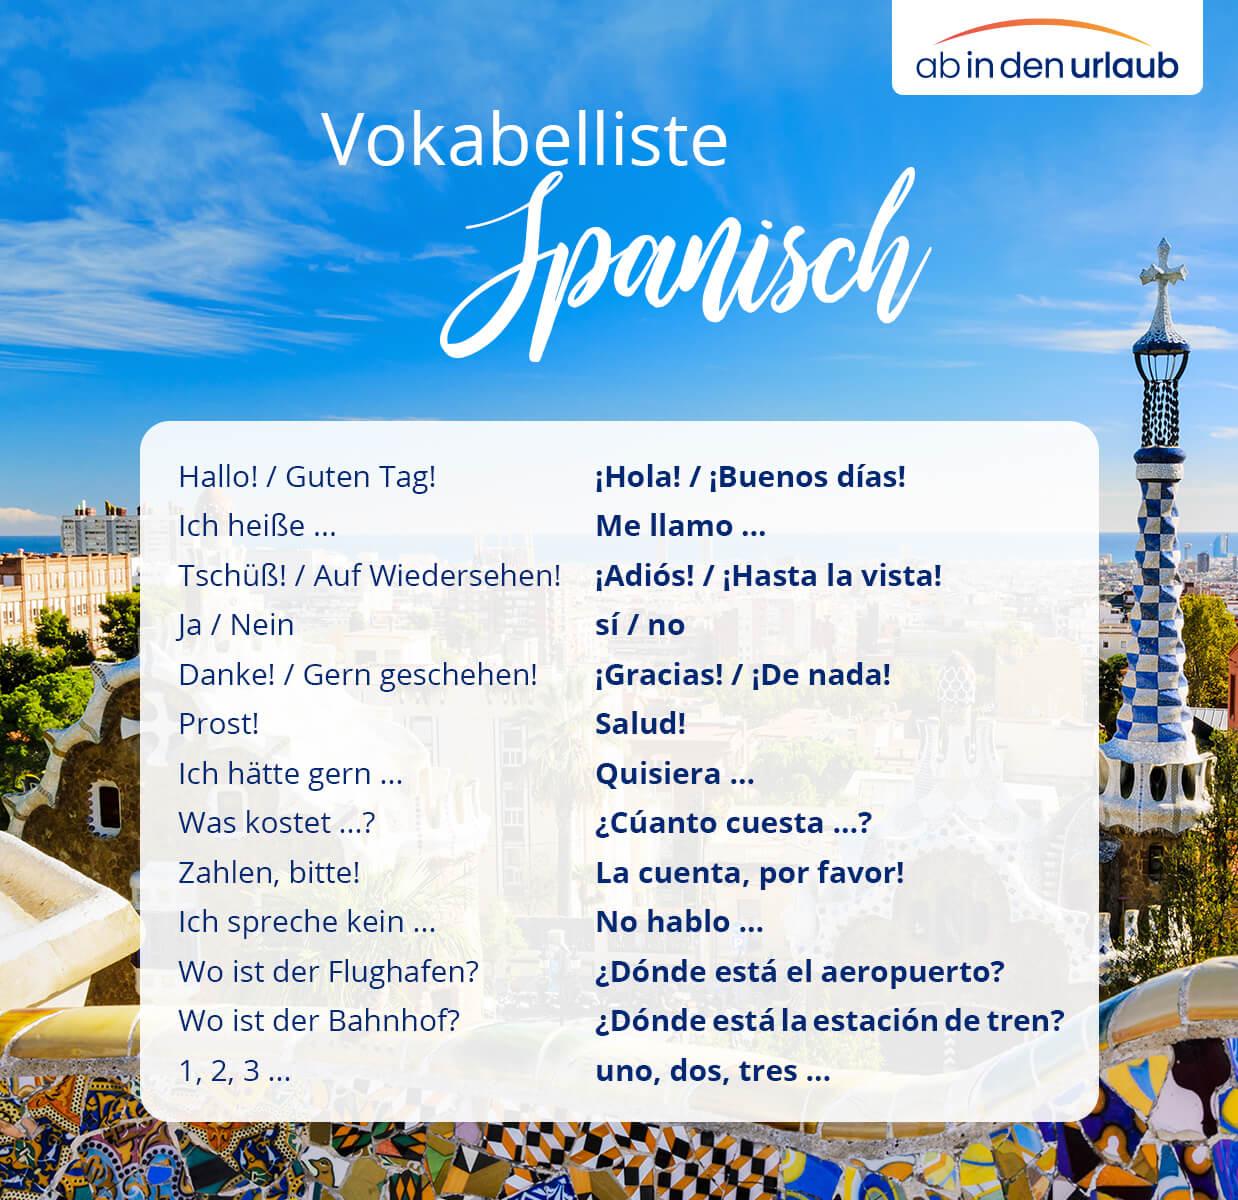 Vokabelliste Spanisch für den Urlaub